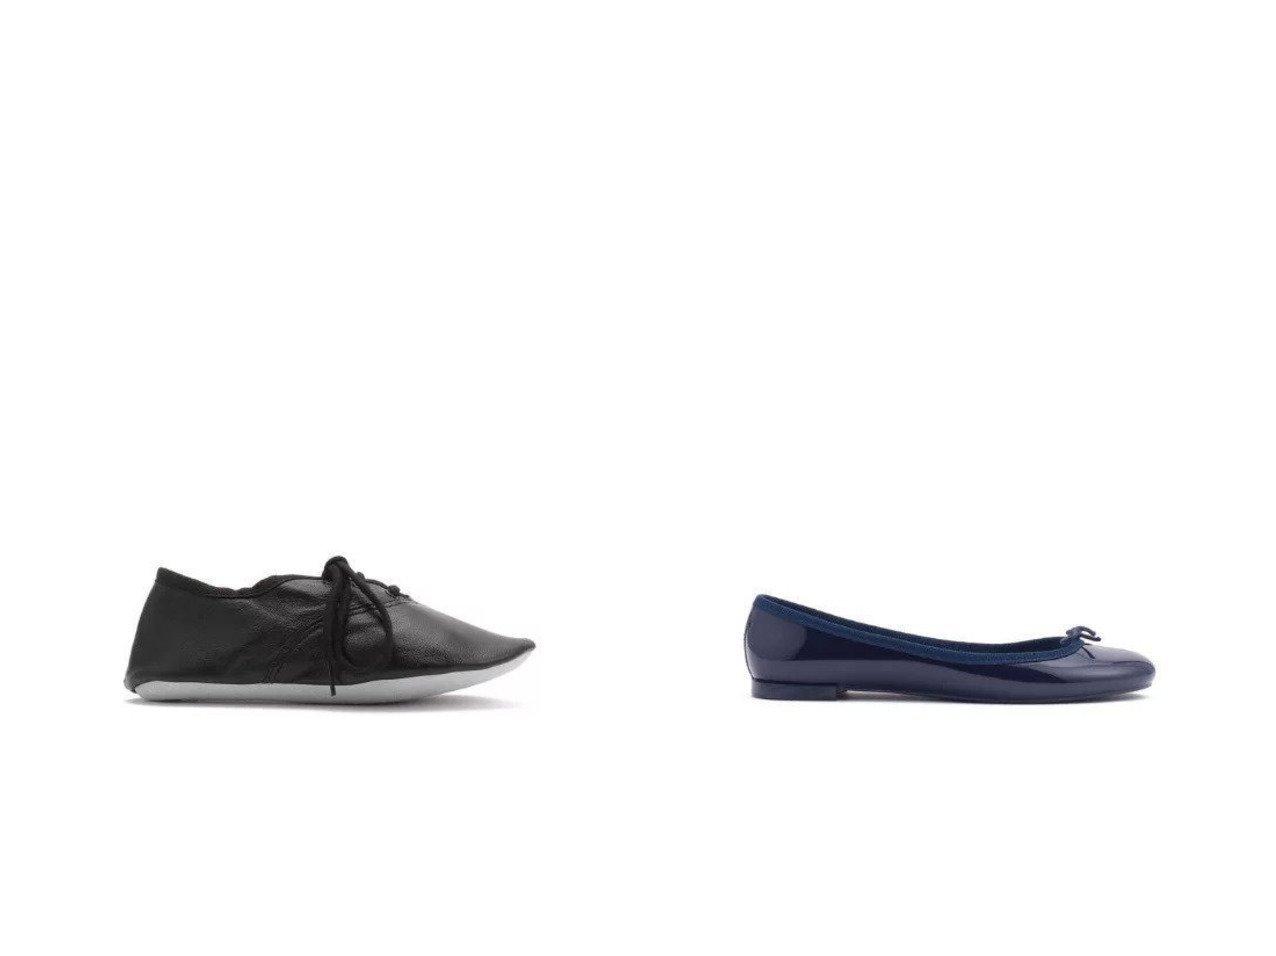 【repetto/レペット】のFull sole jazz slipper&Cendrillon Baby シューズ・靴のおすすめ!人気、レディースファッションの通販 おすすめファッション通販アイテム インテリア・キッズ・メンズ・レディースファッション・服の通販 founy(ファニー) ファッション Fashion レディース WOMEN コンパクト シューズ エレガント グログラン バレエ ブラック系 Black ブルー系 Blue |ID:crp329100000004945